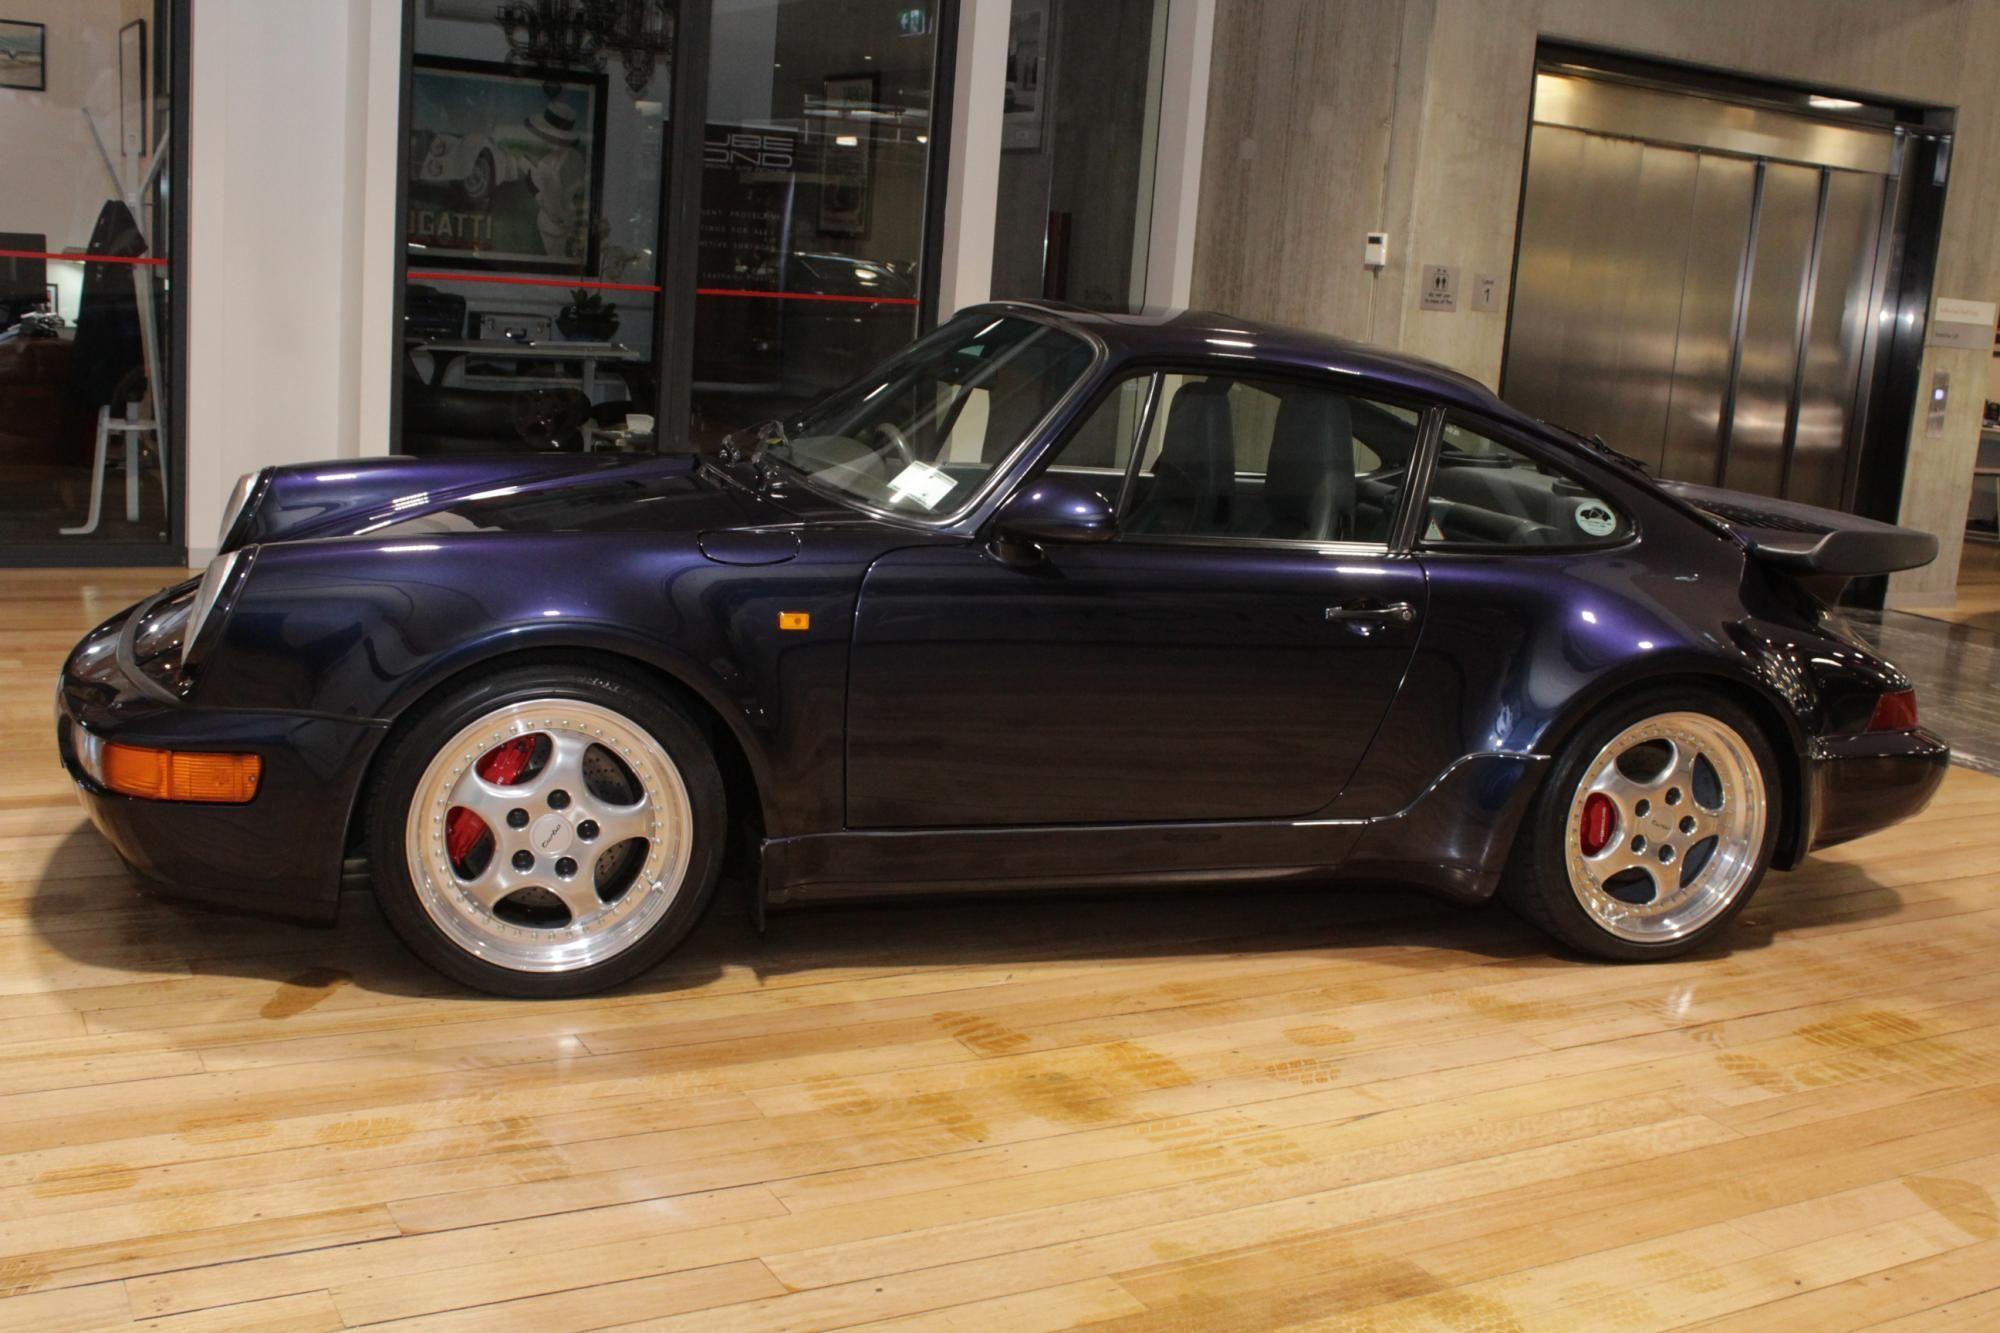 1993 Porsche 964 Turbo 3 6l Manual Porsche Porsche 964 Porsche For Sale